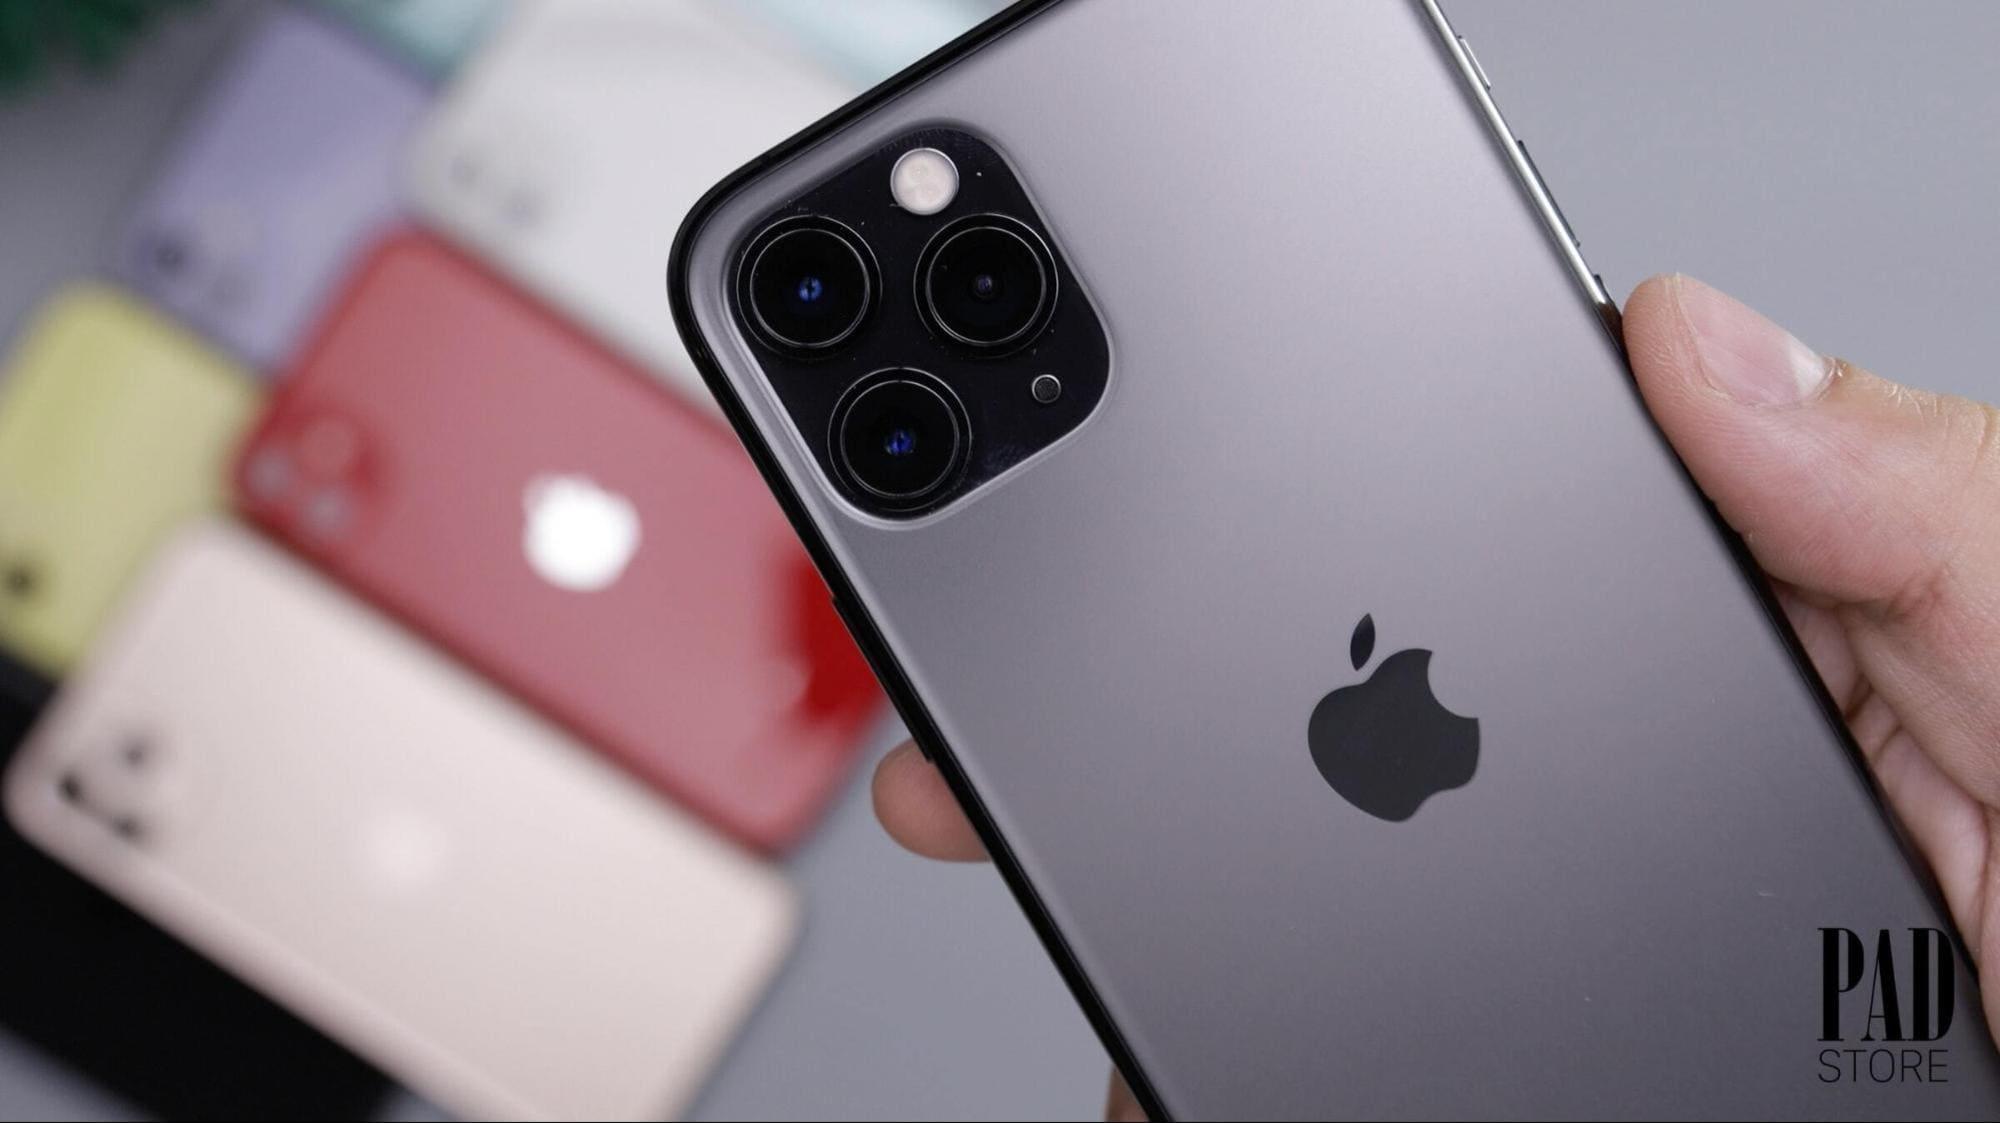 màu xám trên iphone pro max